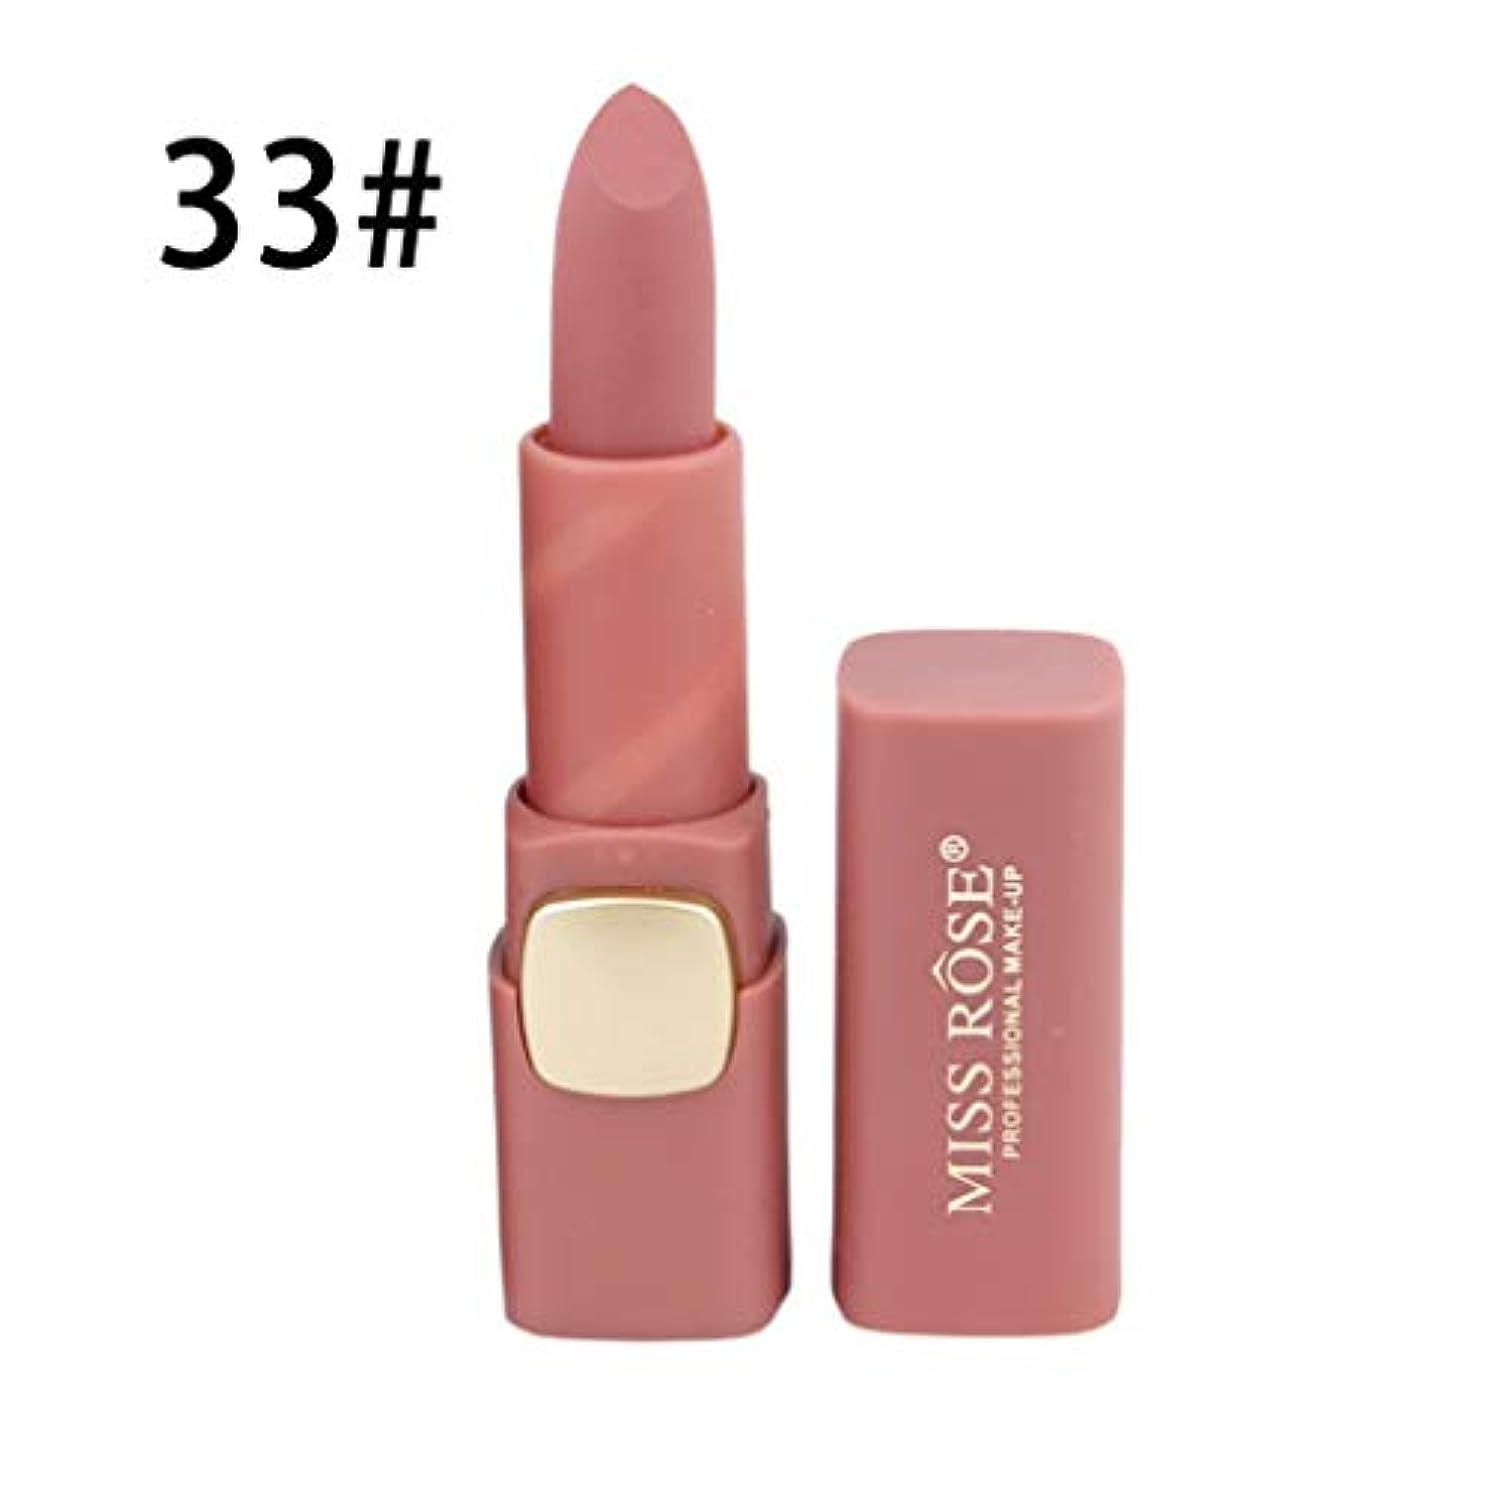 受け入れた雇用指定するリップスティックロングラスティング女性の唇のメイクアップ口紅を着用するコンパクトサイズのマットリップスティック防水栄養簡単